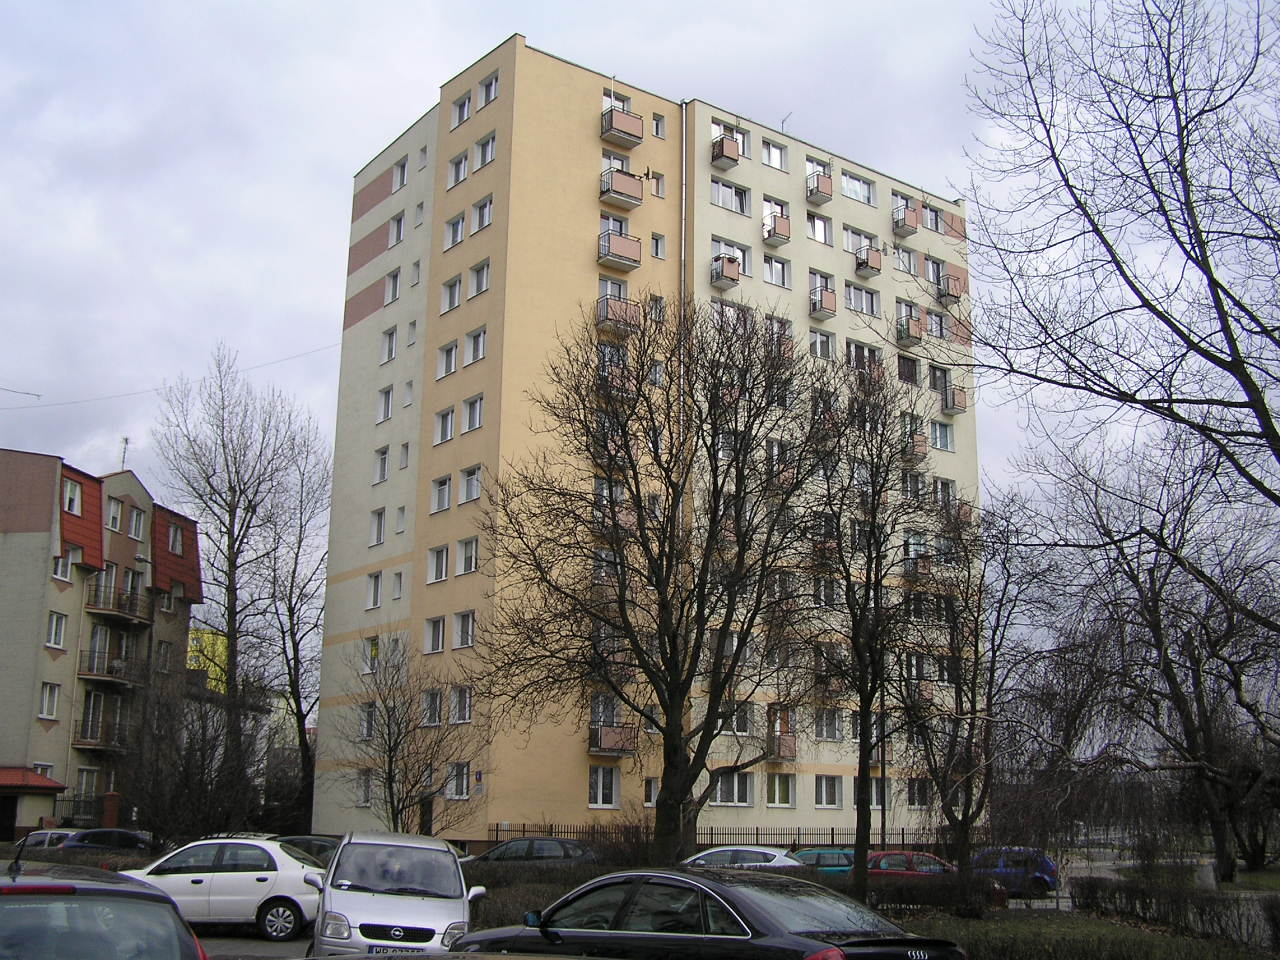 Budynek przy ulicy Rozłuckiej 4 na Grochowie